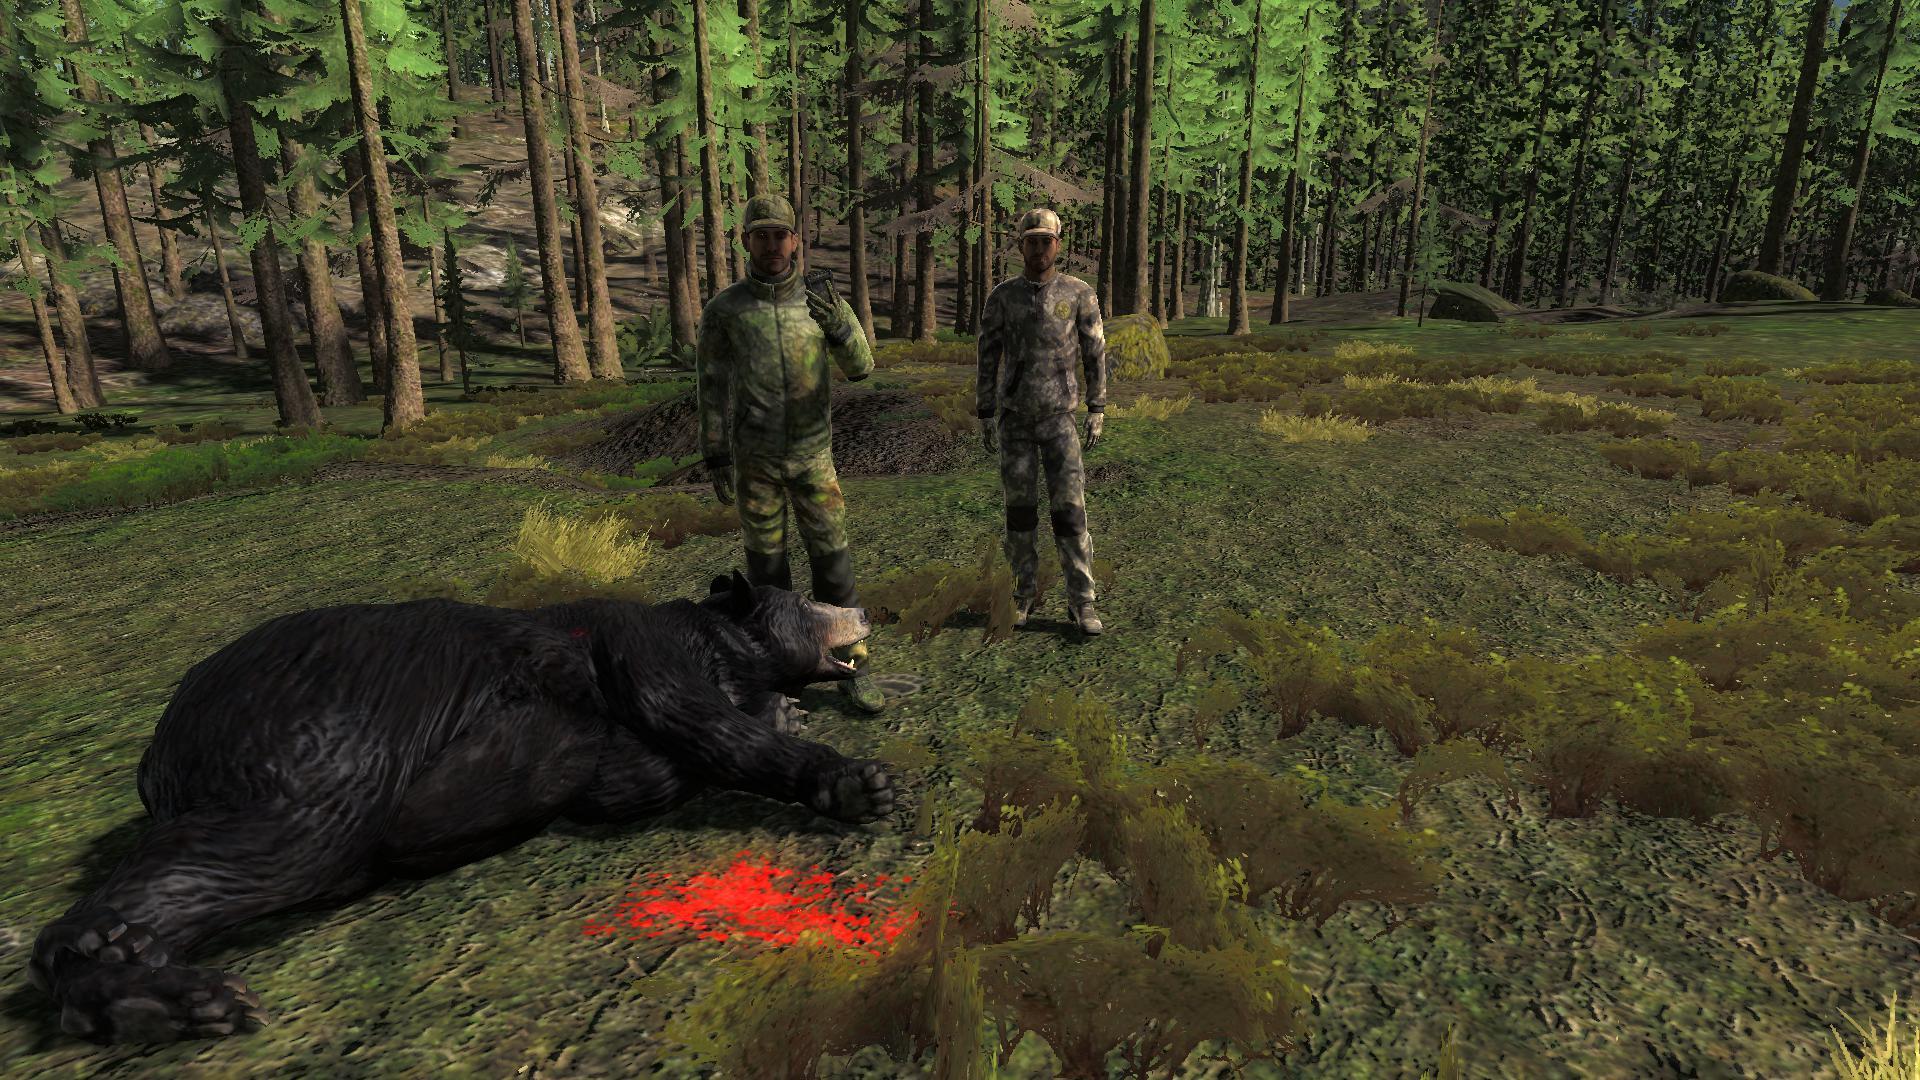 Fotografie in multiplayer con i Nostri AMICI - Pagina 3 650197ef6655091fd9e95834f73b39b46f61a359